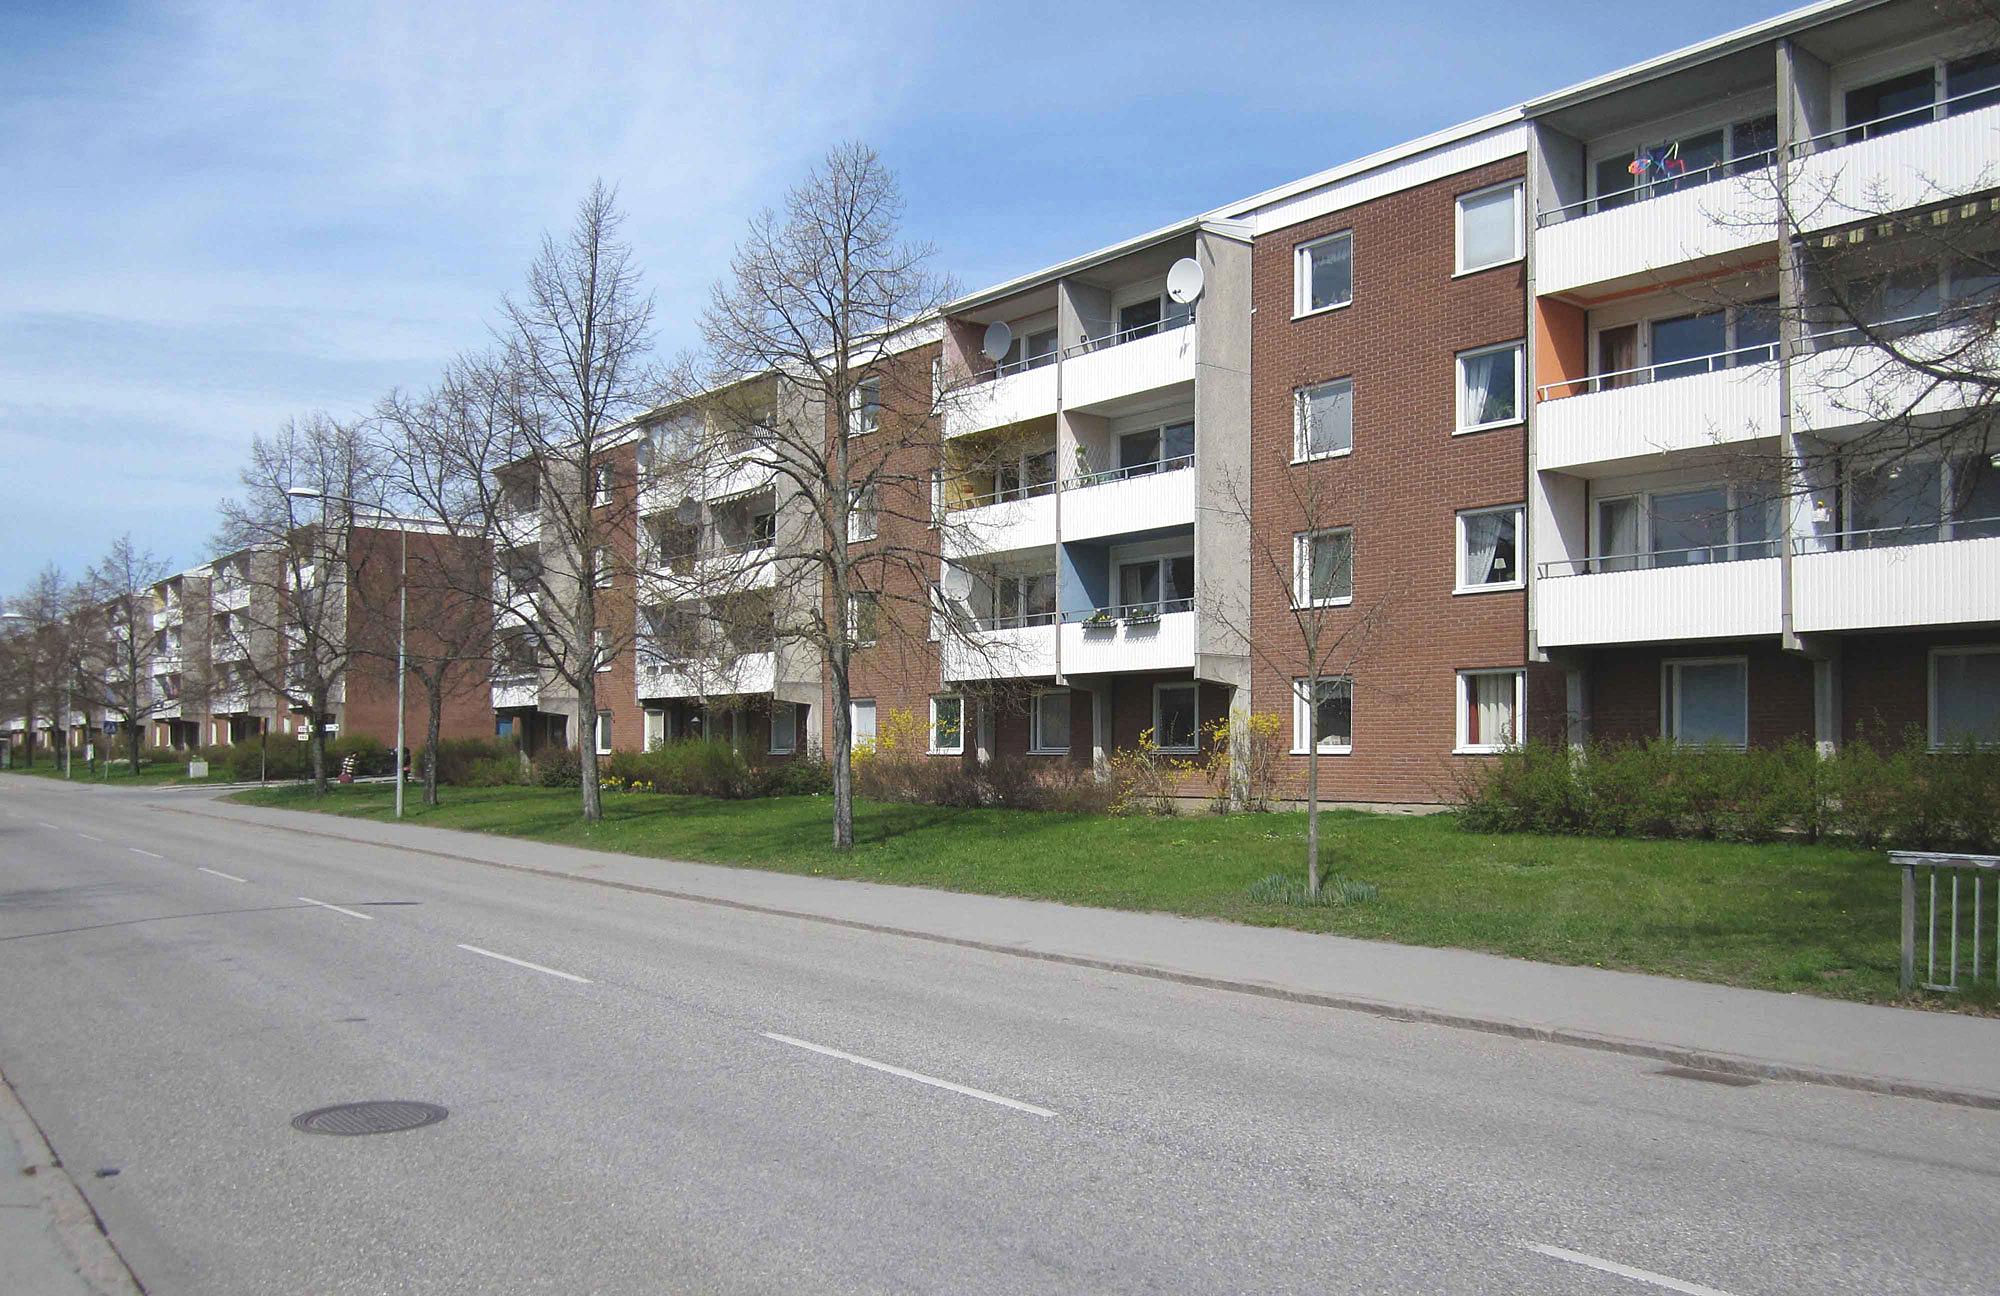 Byalvsvägen Foto Spridd copy.jpg